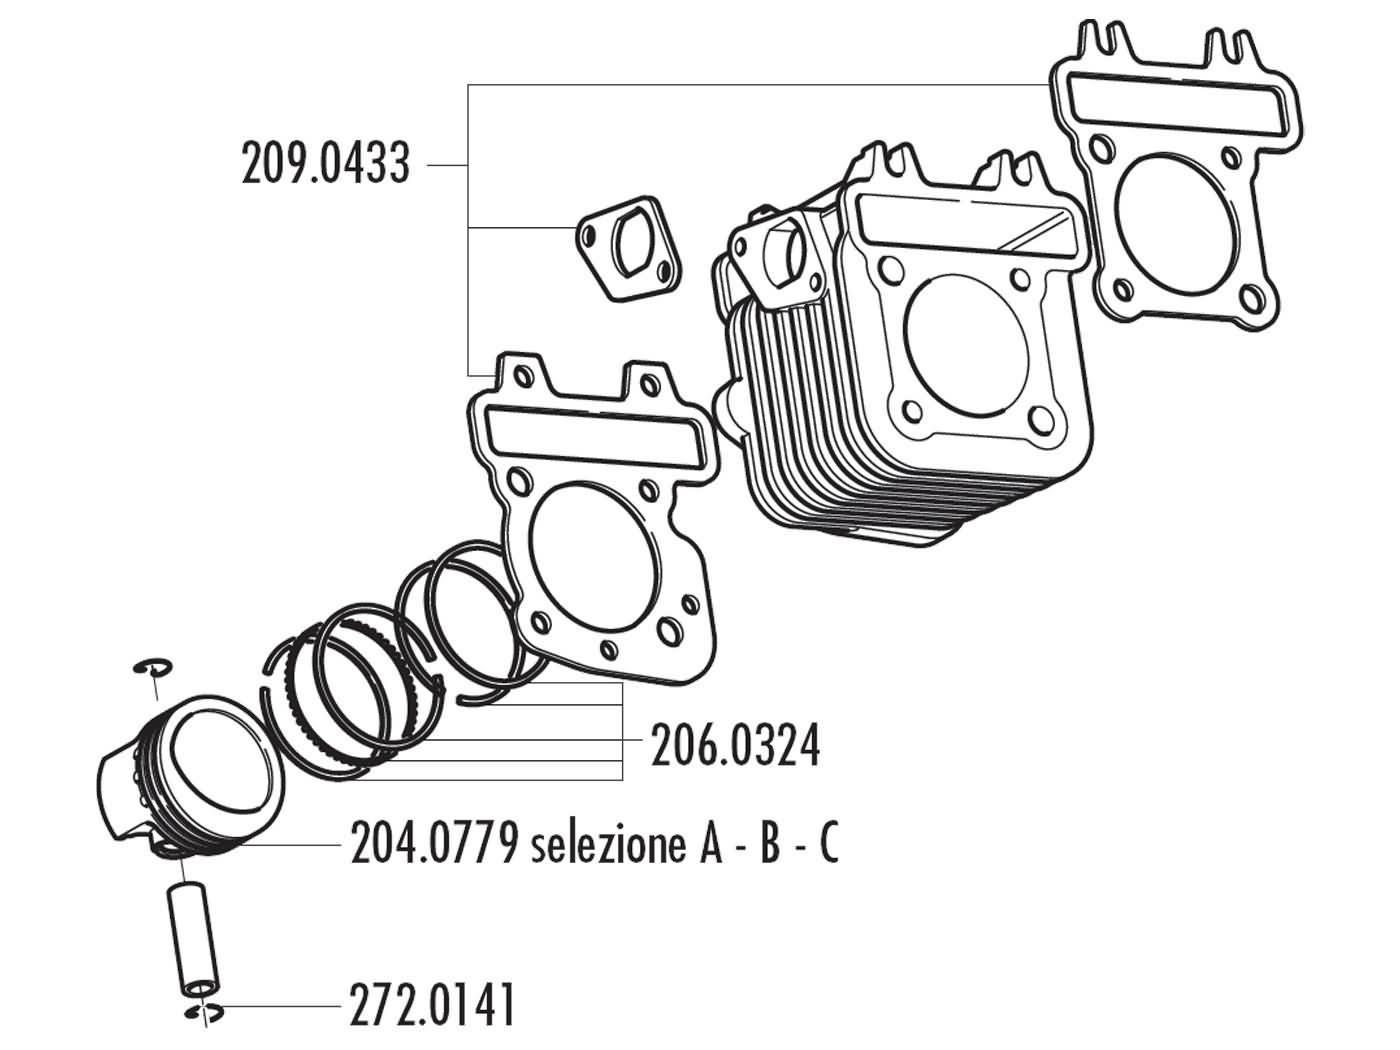 piston kit Polini 79cc 49mm (A) for Piaggio 50 4T 2V